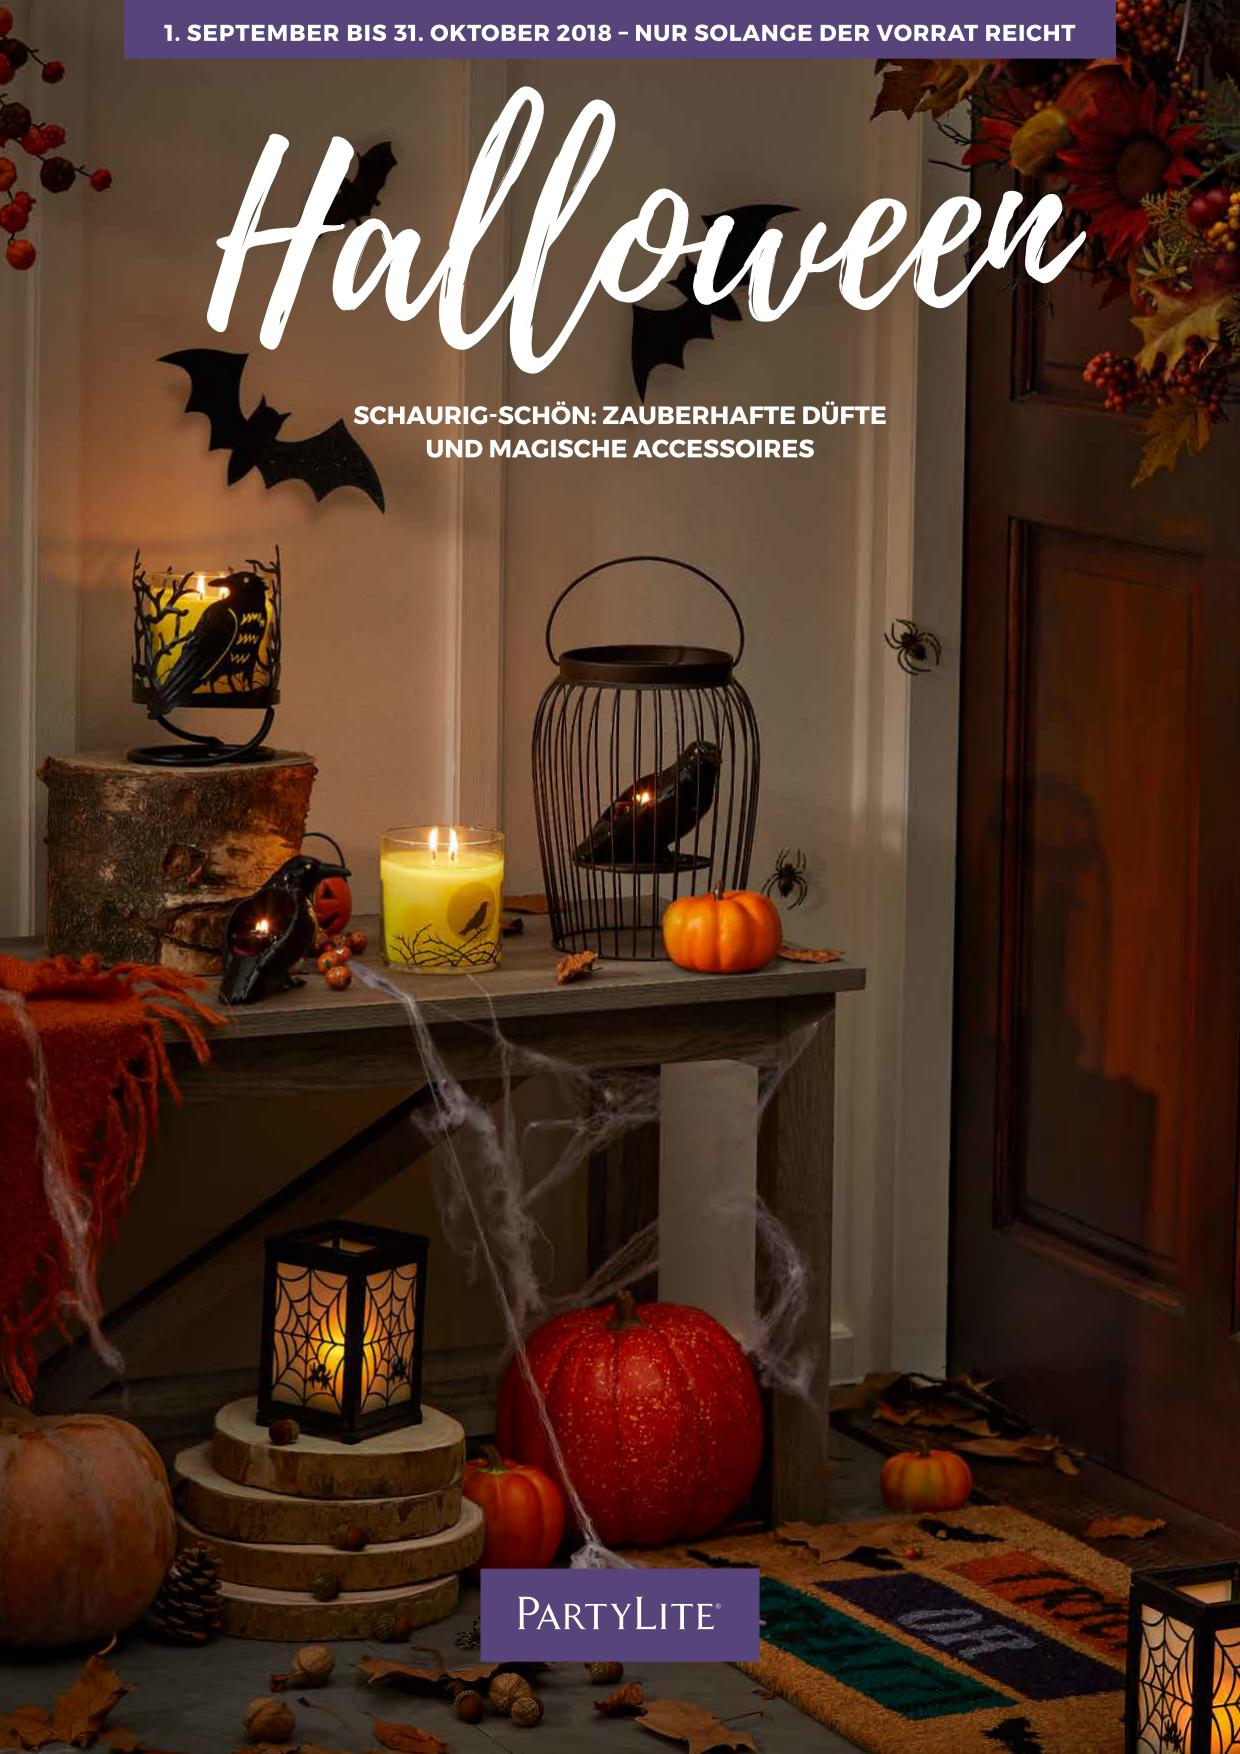 halloween mit partylite accessoires und dem duft hokuspokus